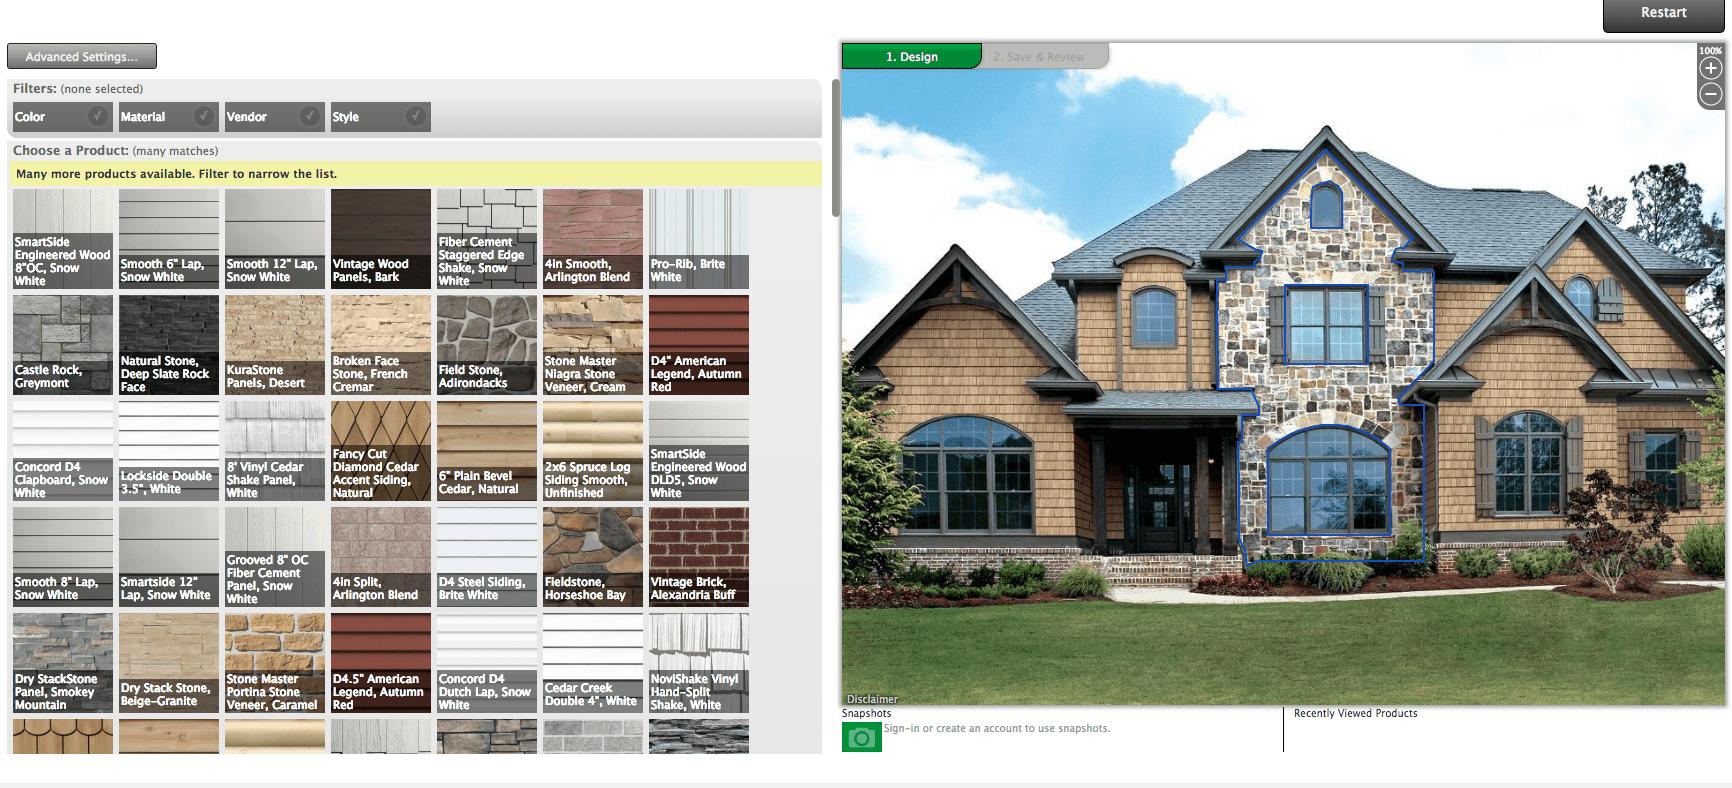 Menards design-it-center home exterior software